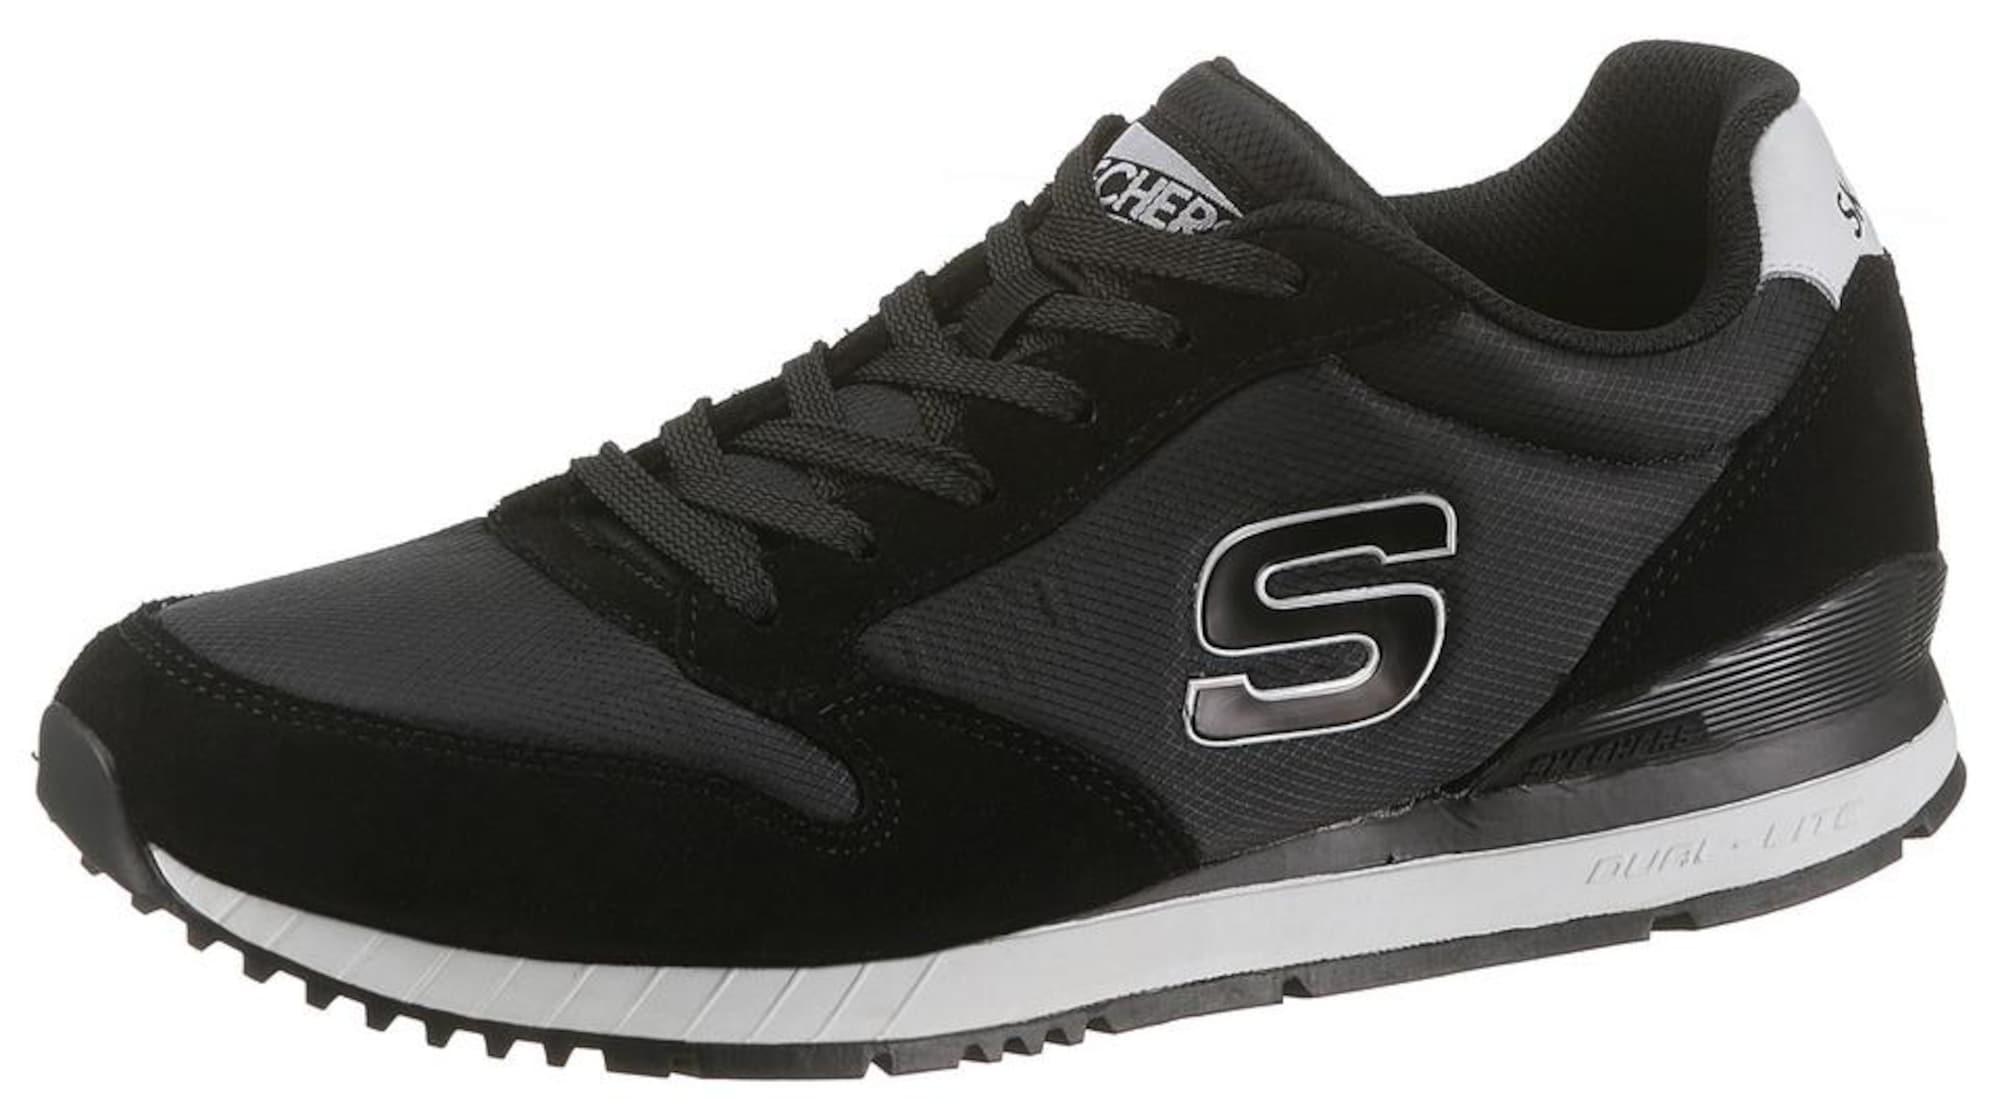 Sportscheck | SALE adidas Essential Star 3 Fitnessschuhe